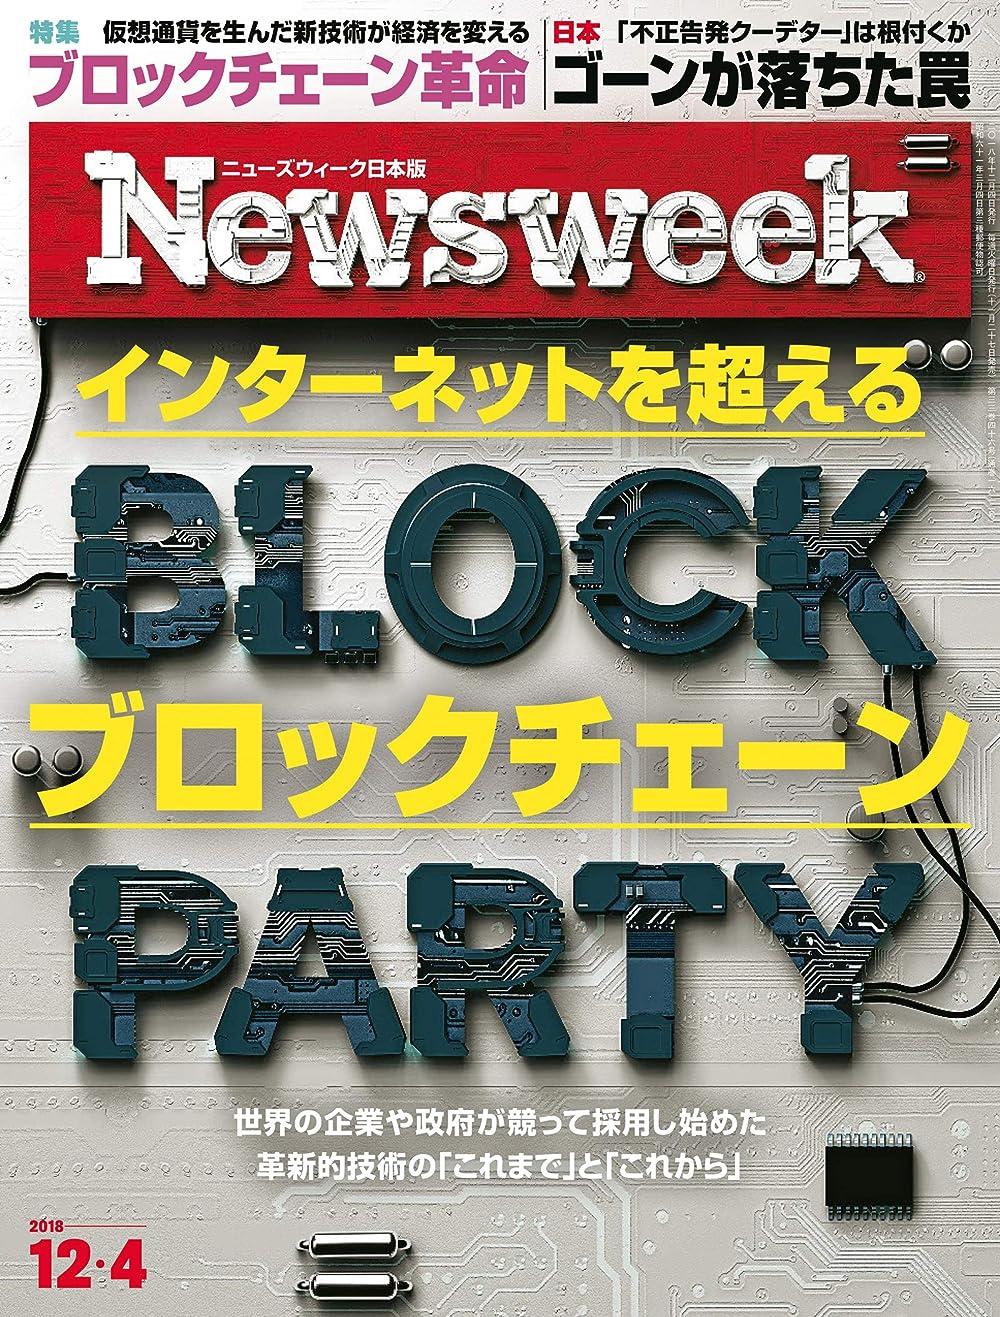 以上意外溶接週刊ニューズウィーク日本版 「特集: 【SPECIAL REPORT】 インターネットを超えるブロックチェーン 」〈2018年12月4日号〉 [雑誌]